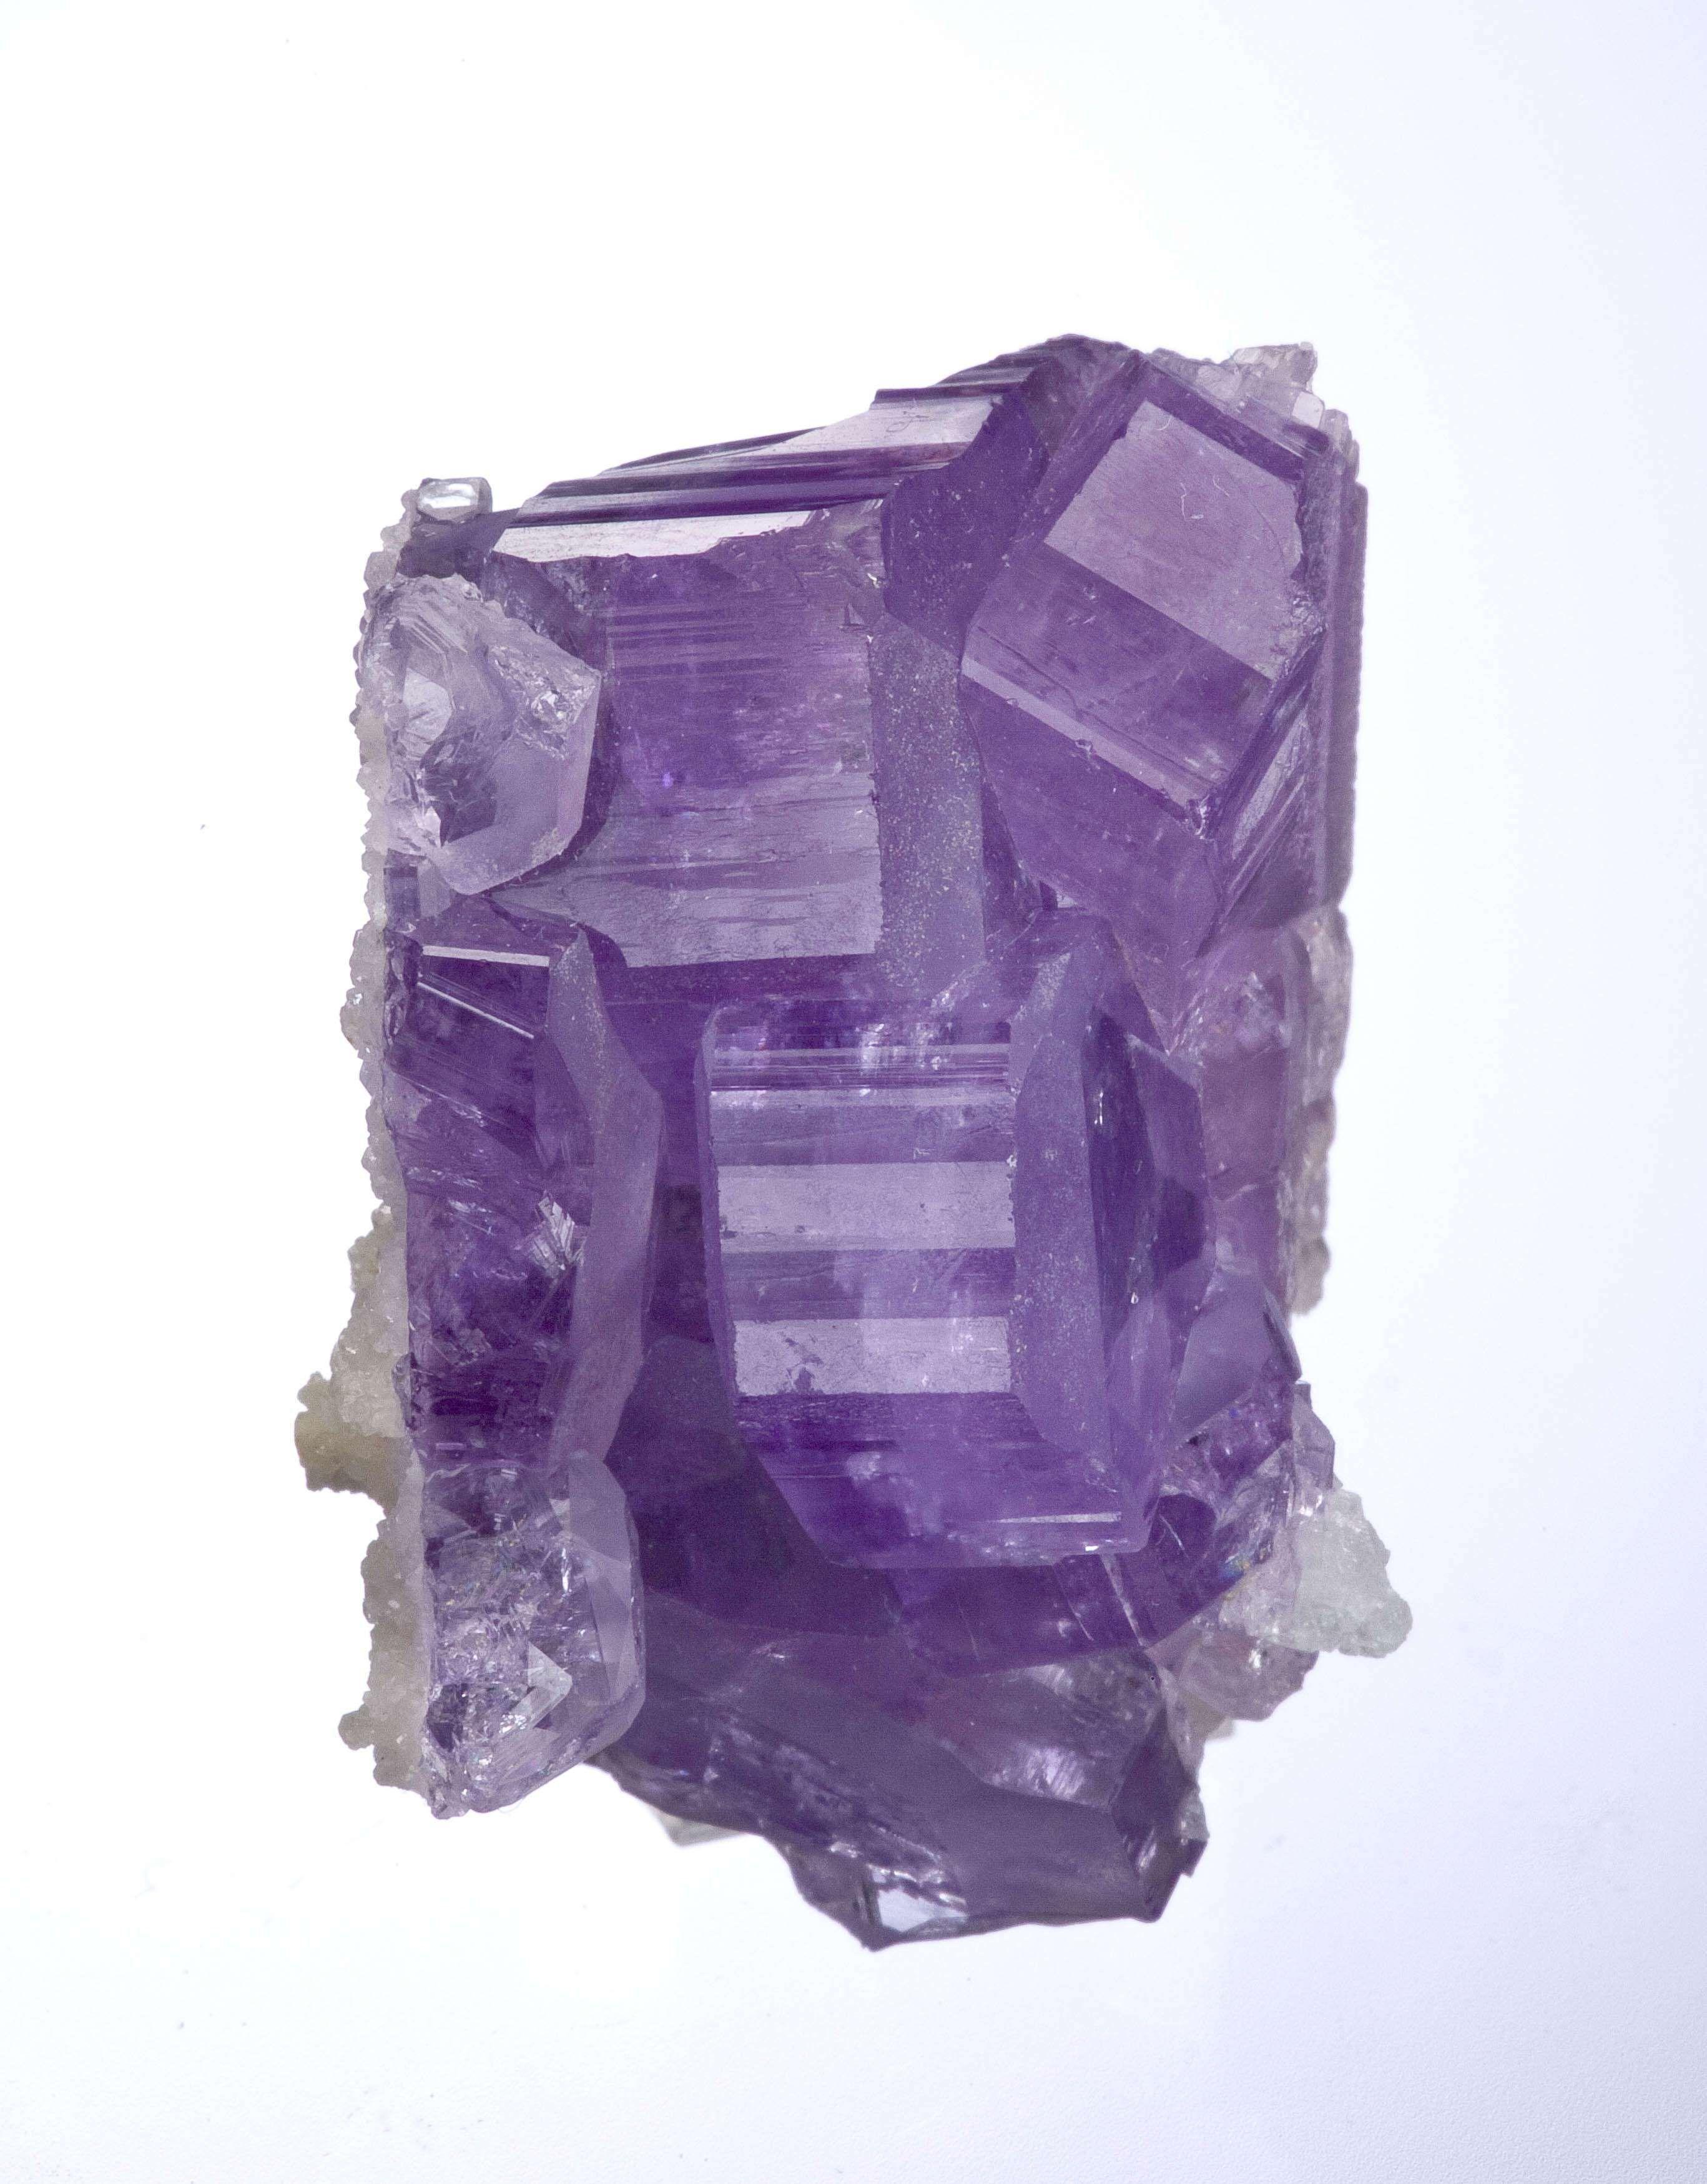 Fluorapatite Urucum mine, Galileia, Doce valley, Minas Gerais, Brazil